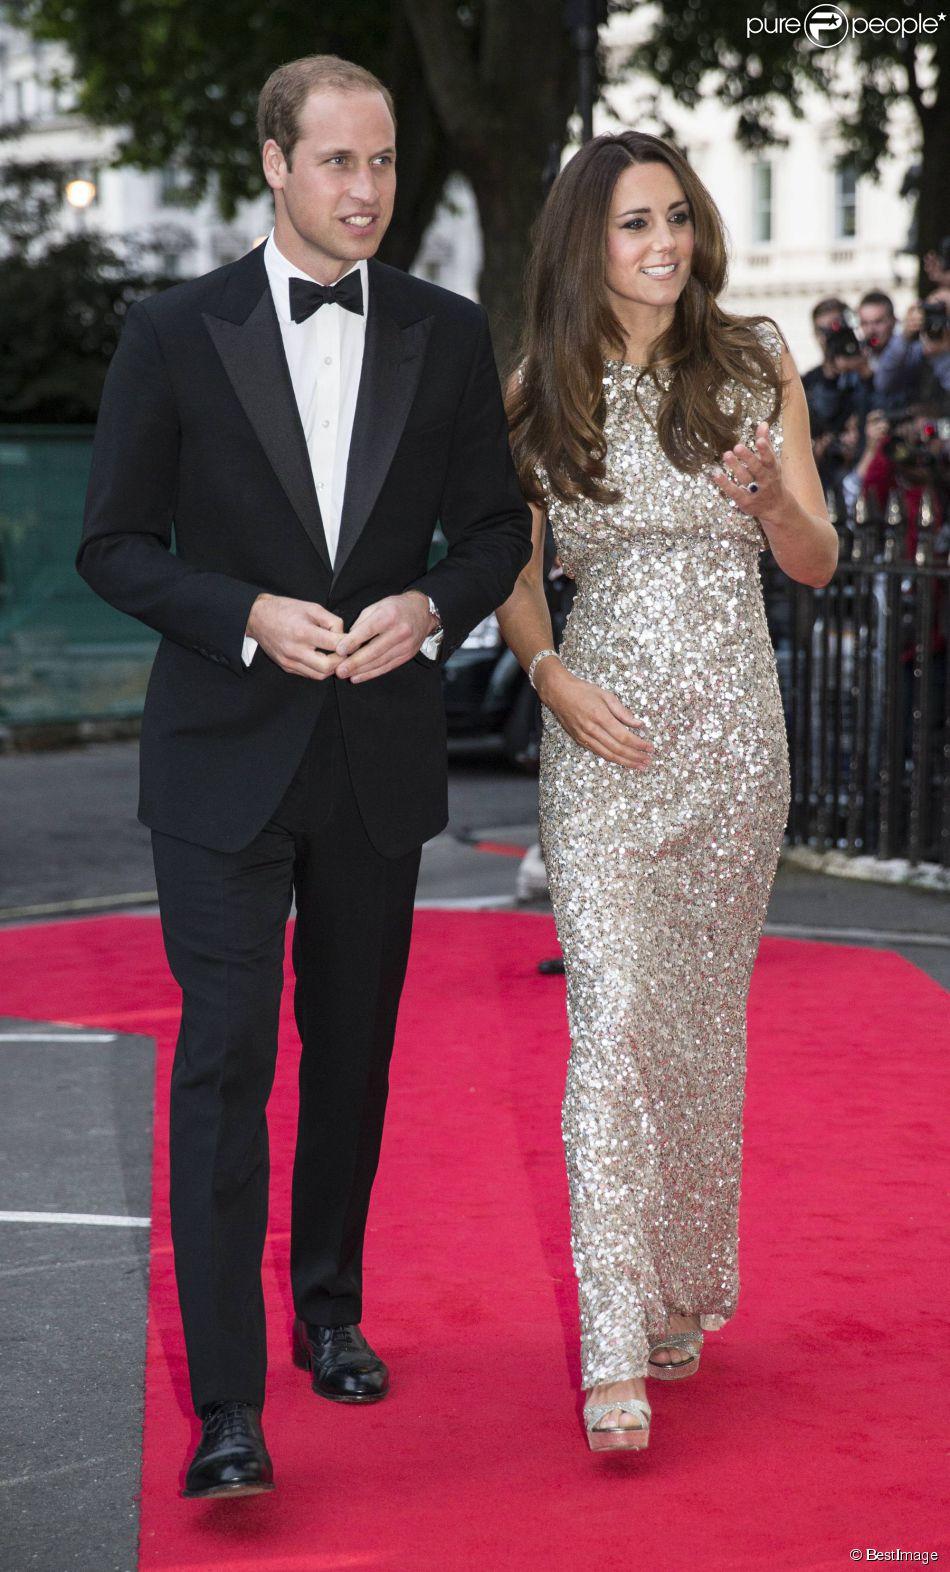 Kate Middleton faisait le 12 septembre 2013 son grand retour officiel après la pause maternité auprès du prince William pour les premiers Tusk Conservation Awards.